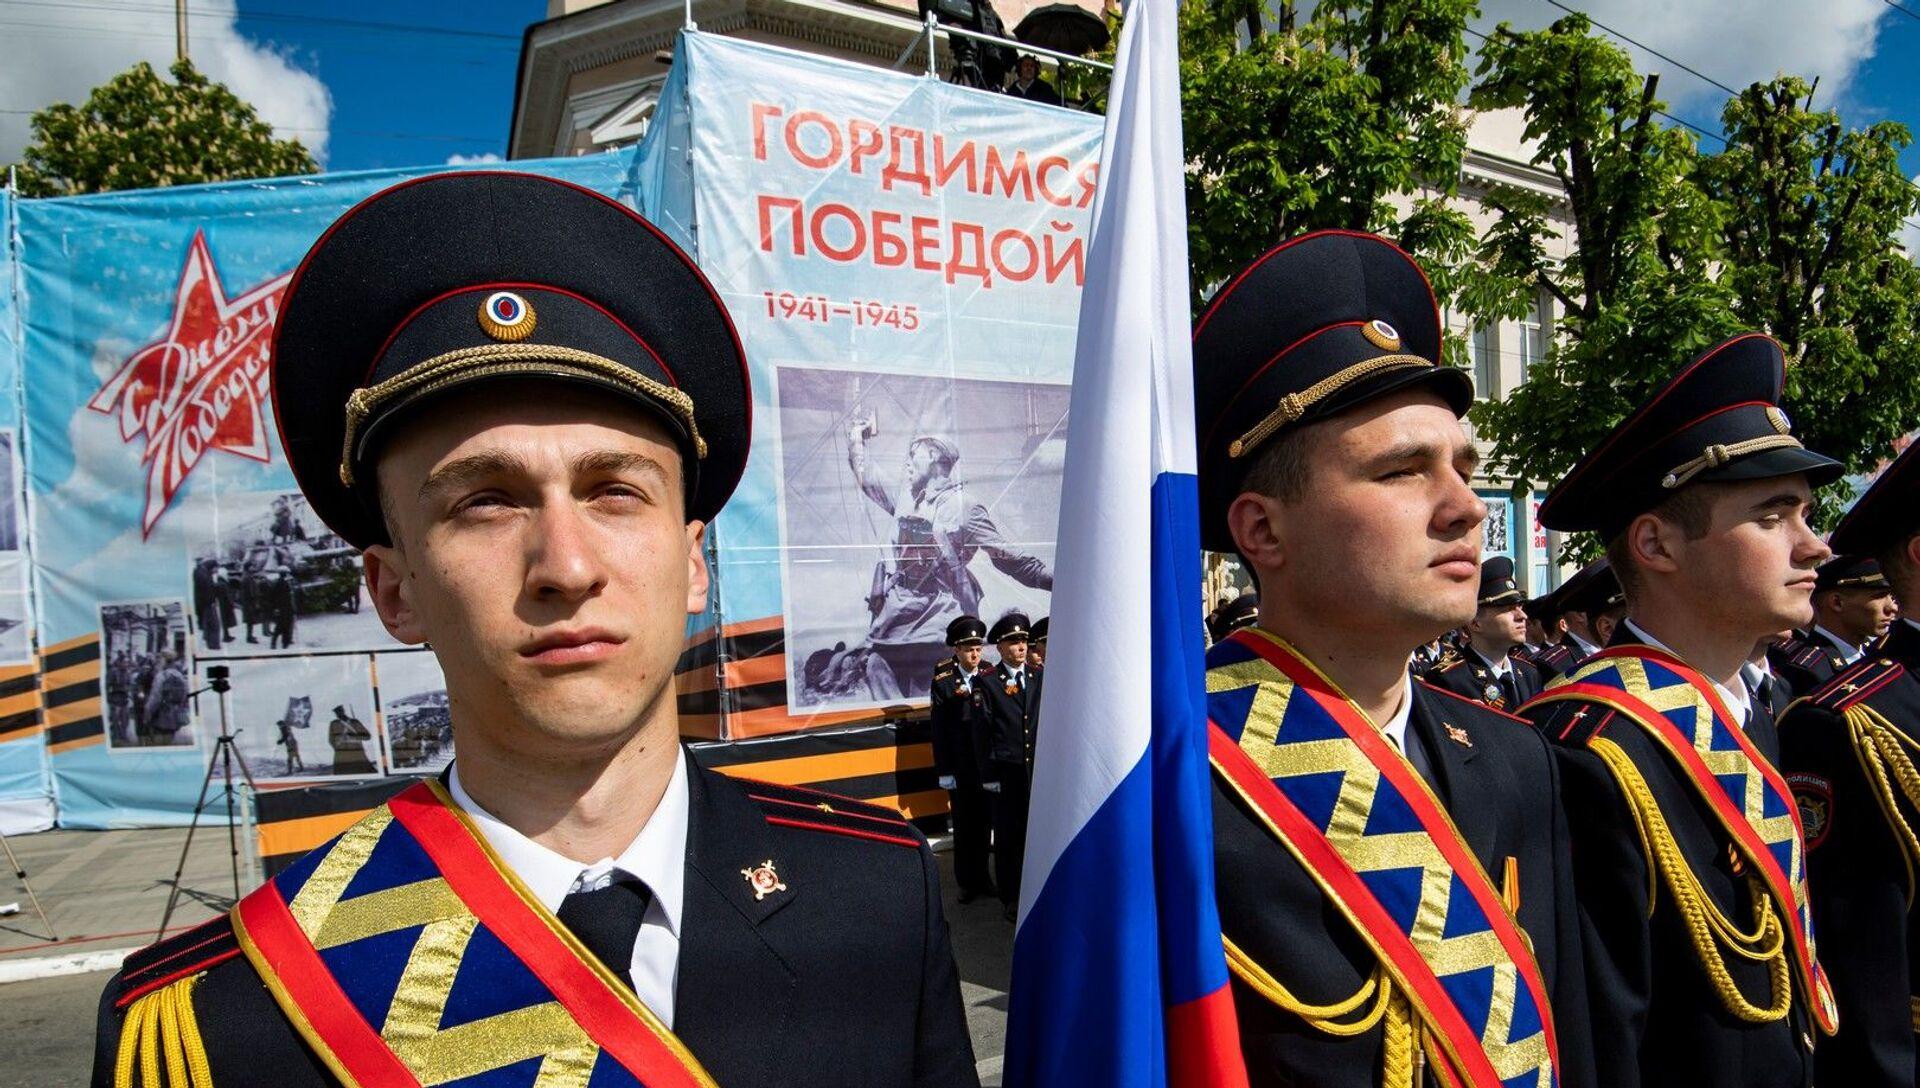 Парад Победы в Симферополе 20201 - РИА Новости, 1920, 09.05.2021